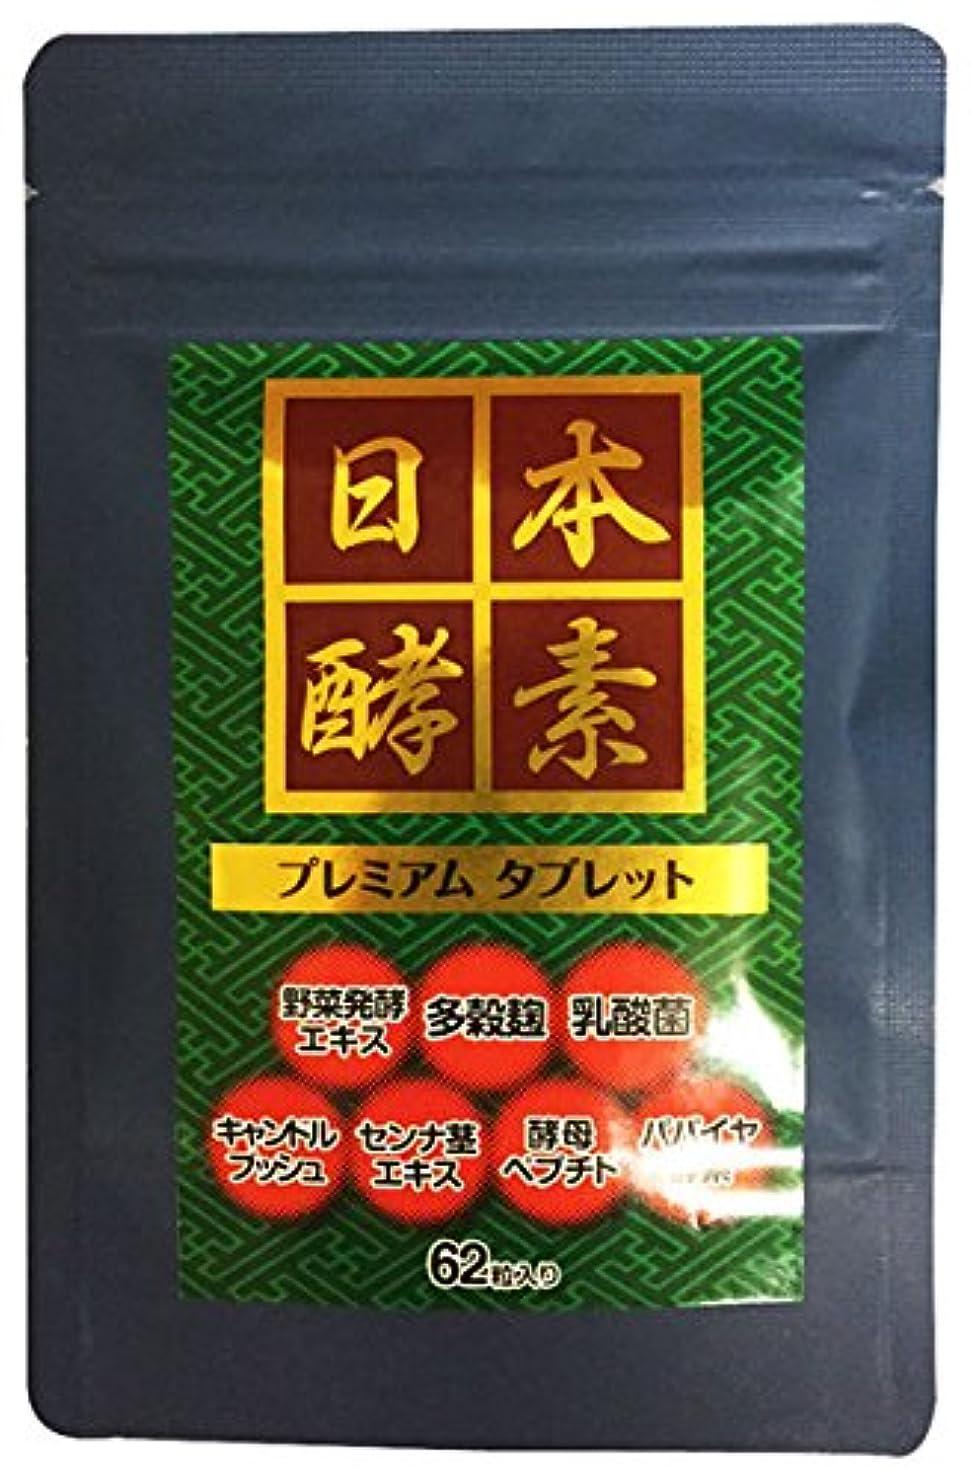 優しい性別刑務所日本酵素プレミアムタブレット 62粒